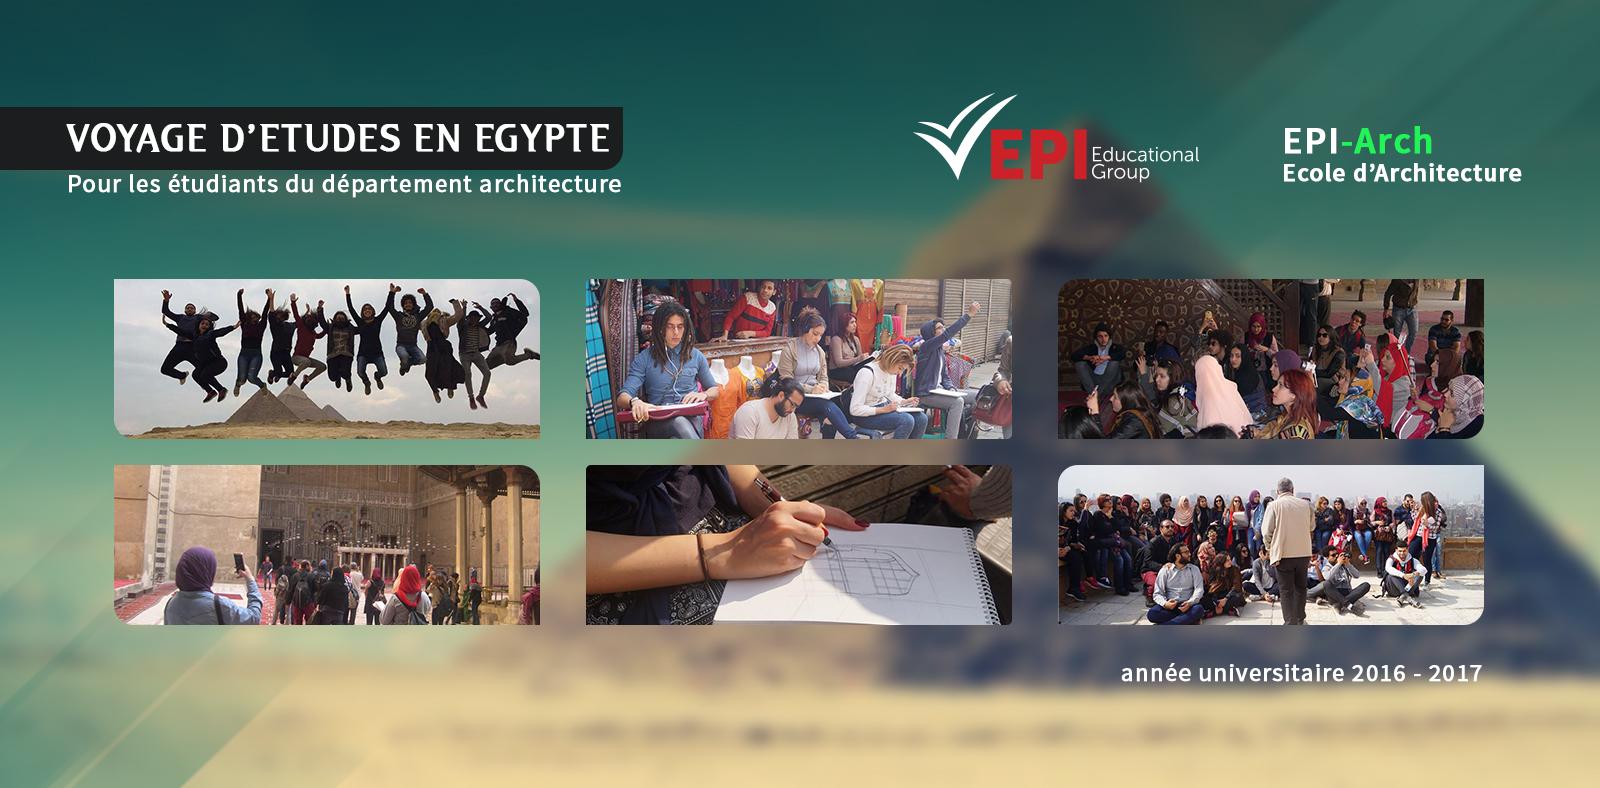 Voyage d'études Egypte